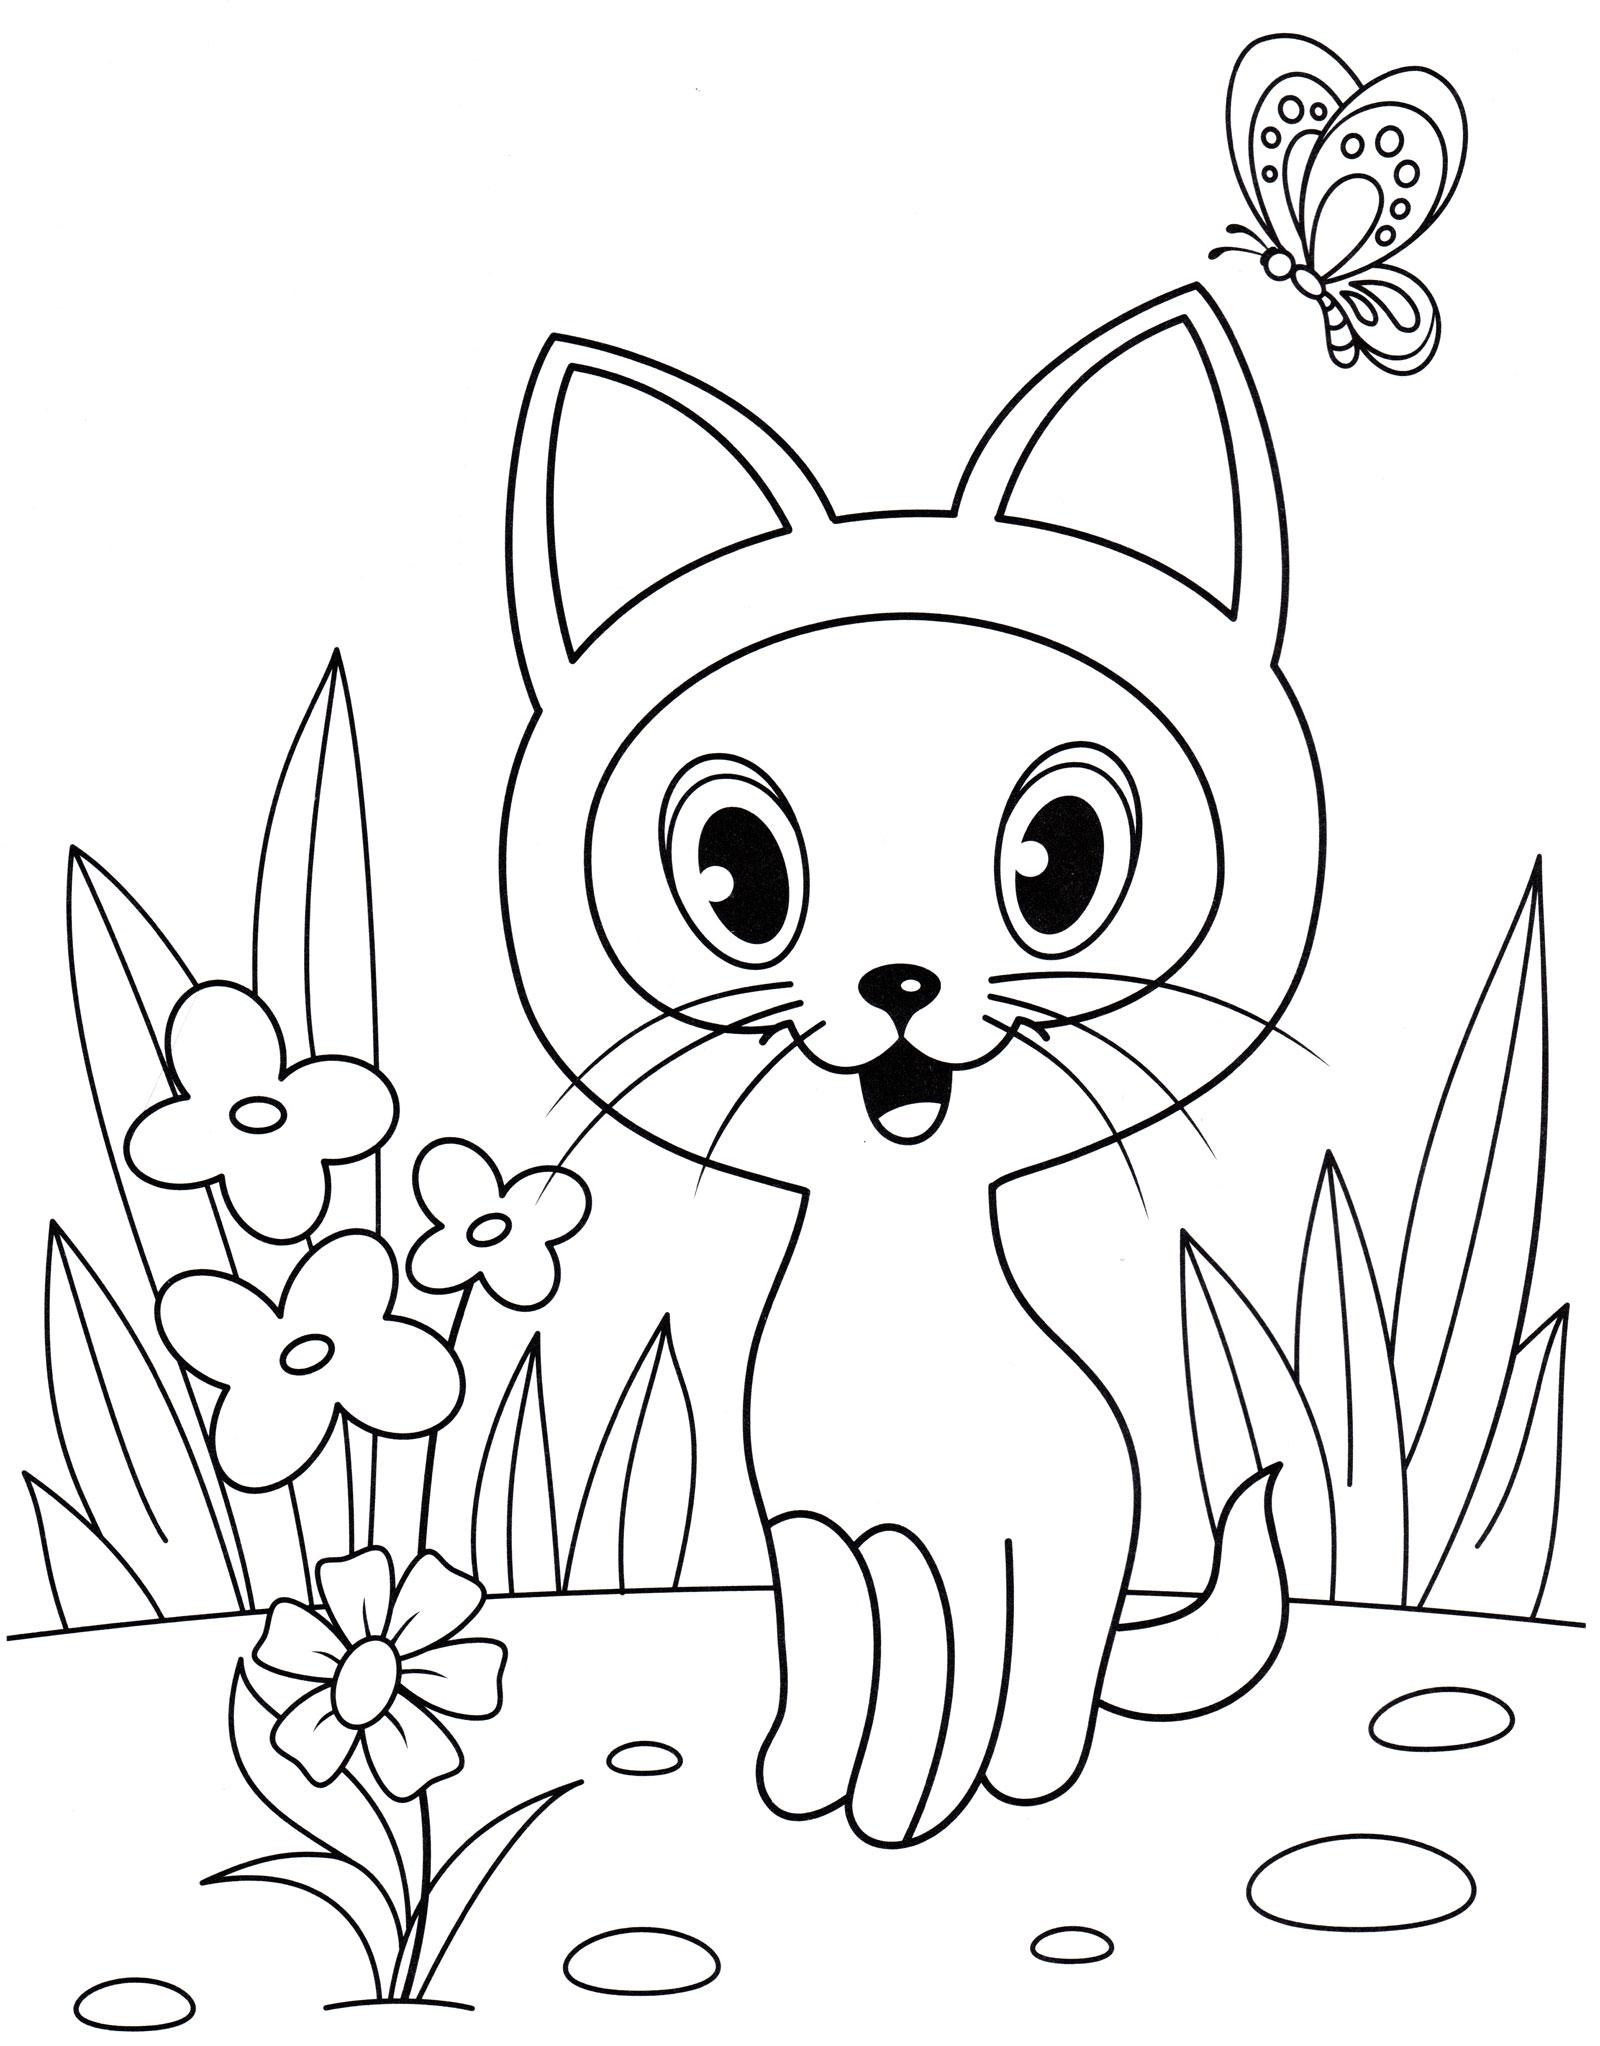 Раскраска Котенок Гав на лужайке - распечатать бесплатно